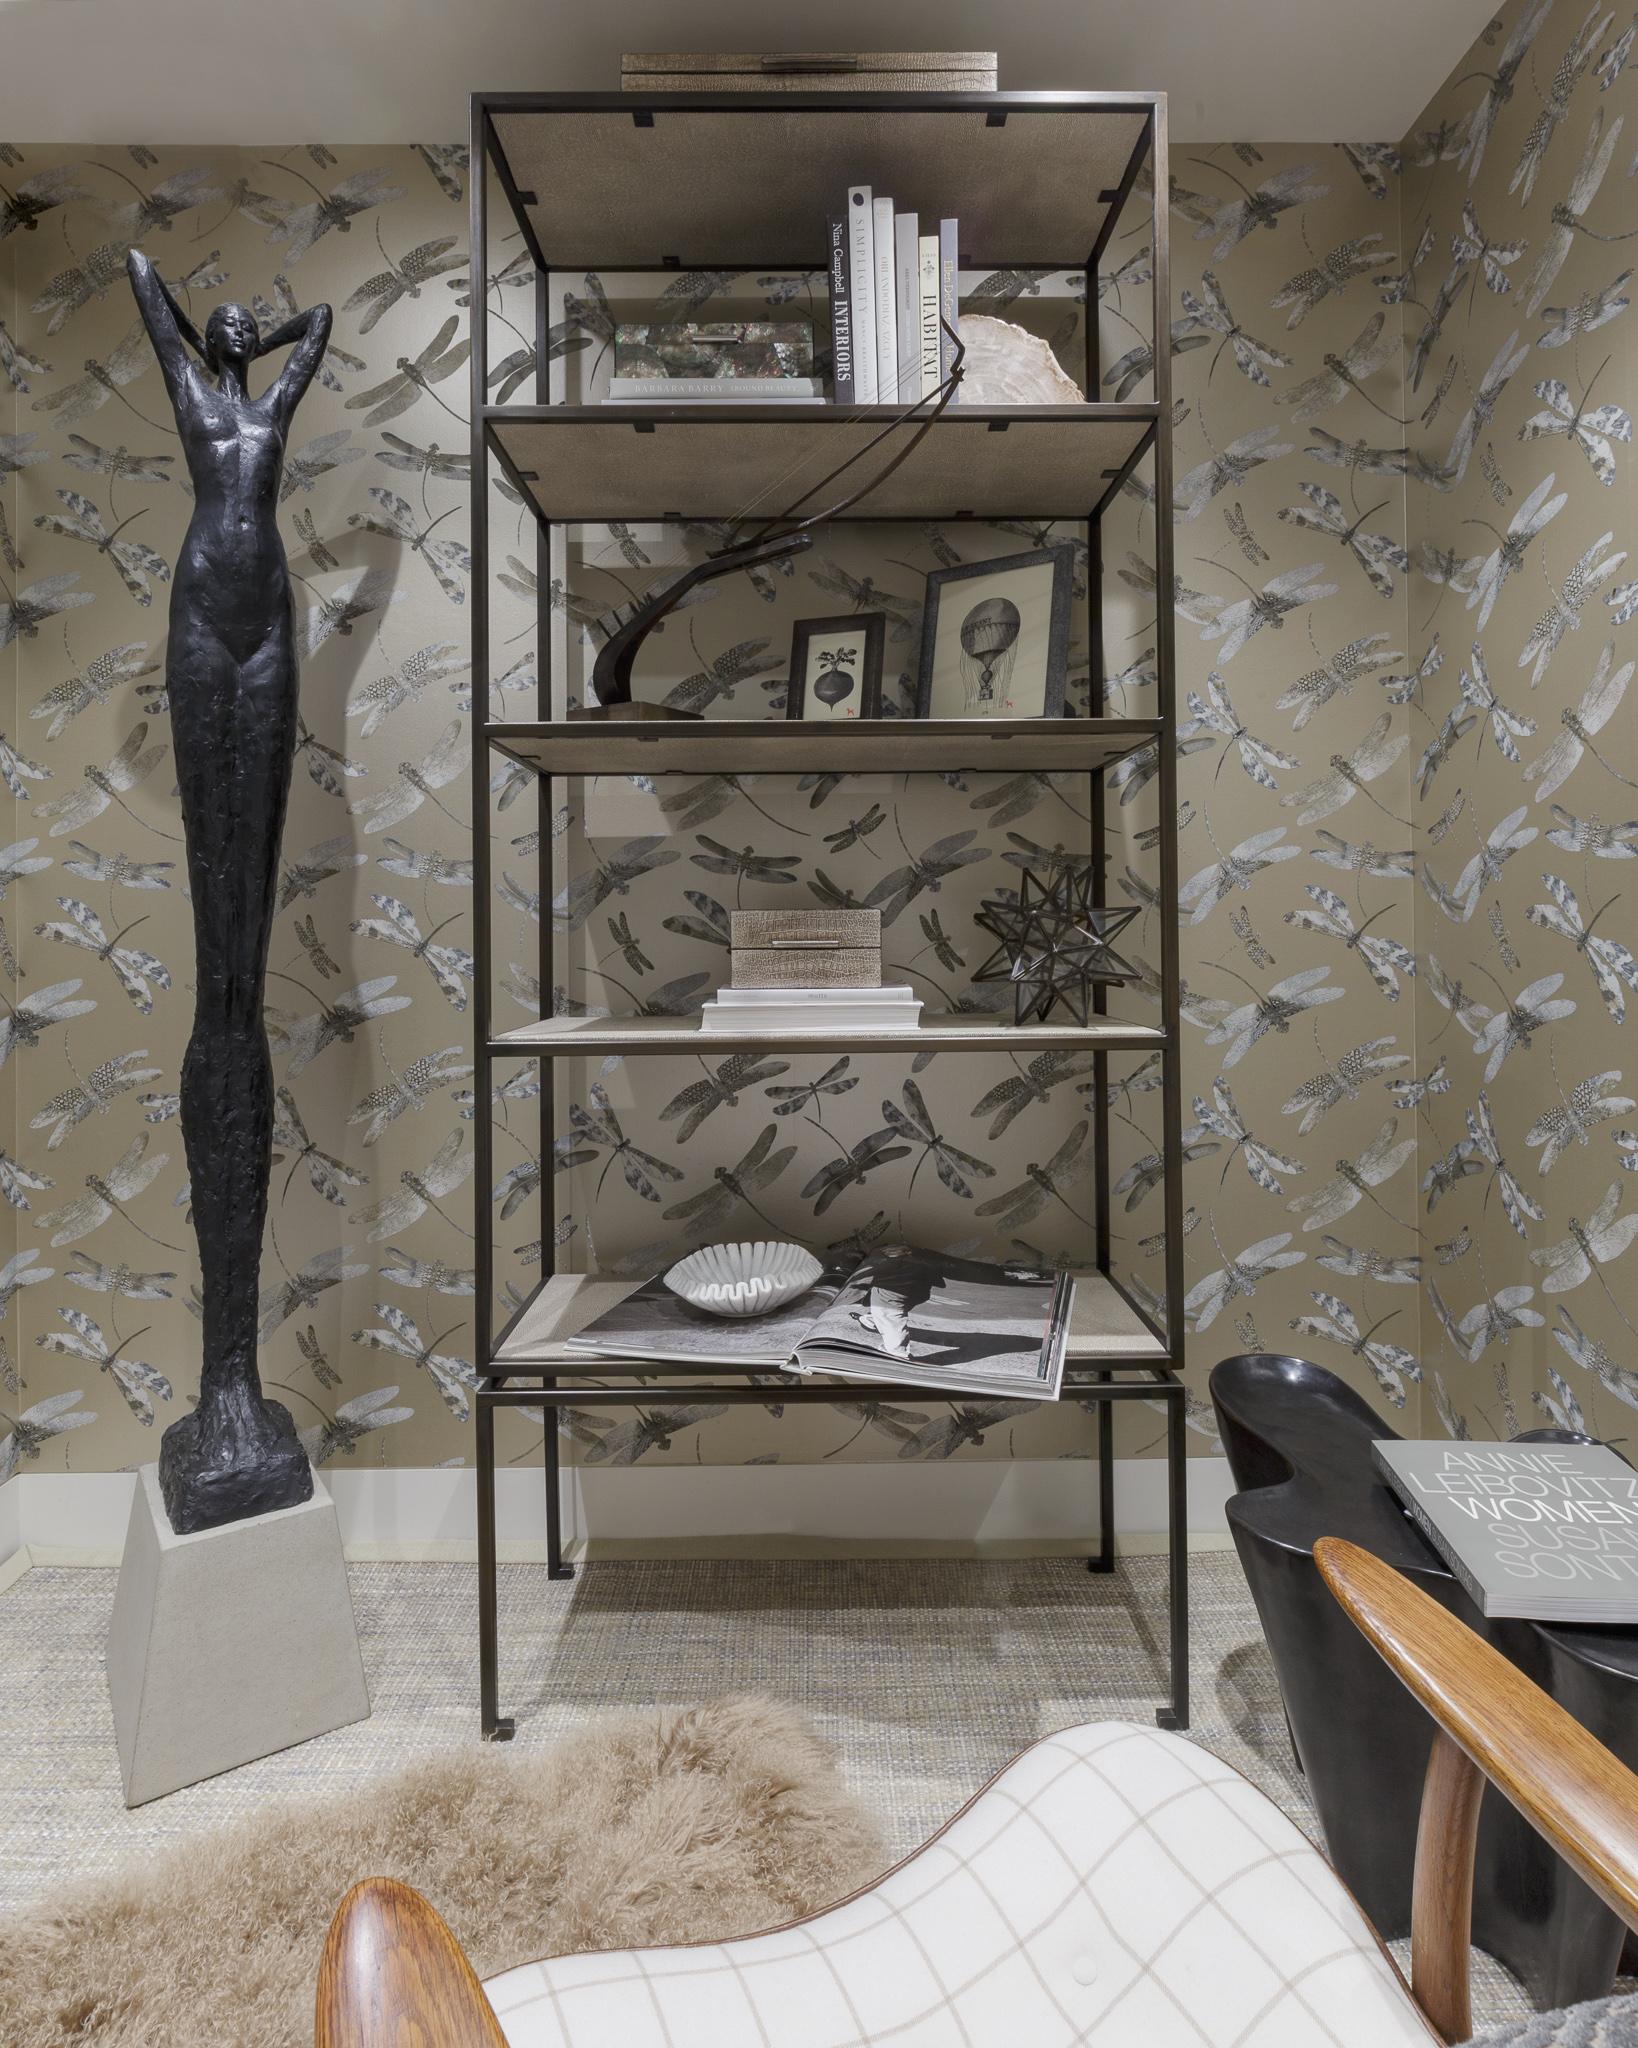 Nanette Design-2016Showcase-DavidLivingston-02.jpg